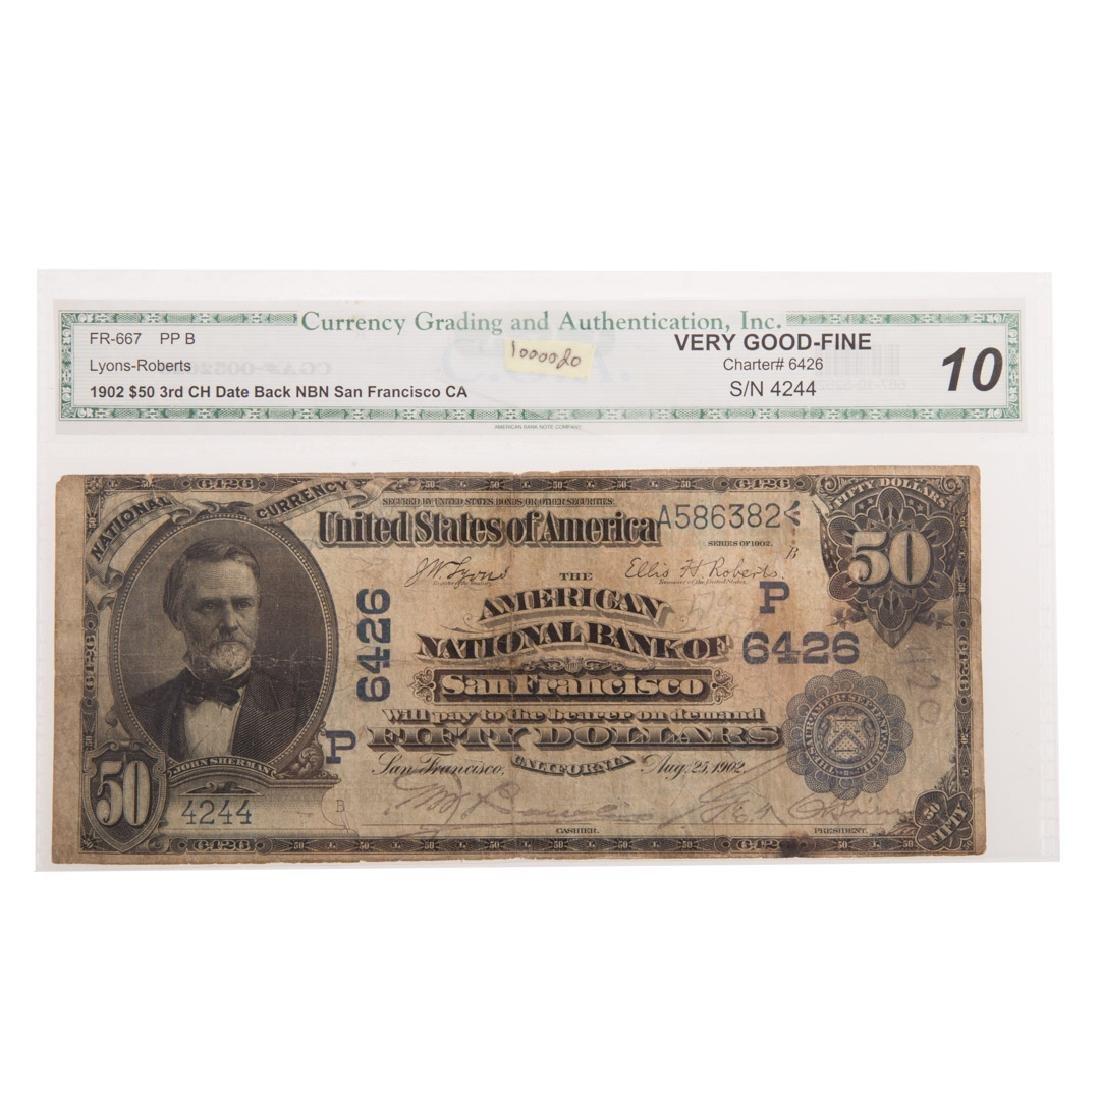 [US] $50 1902 Date Back Ch#6426 Fr-667 CGA-VG10